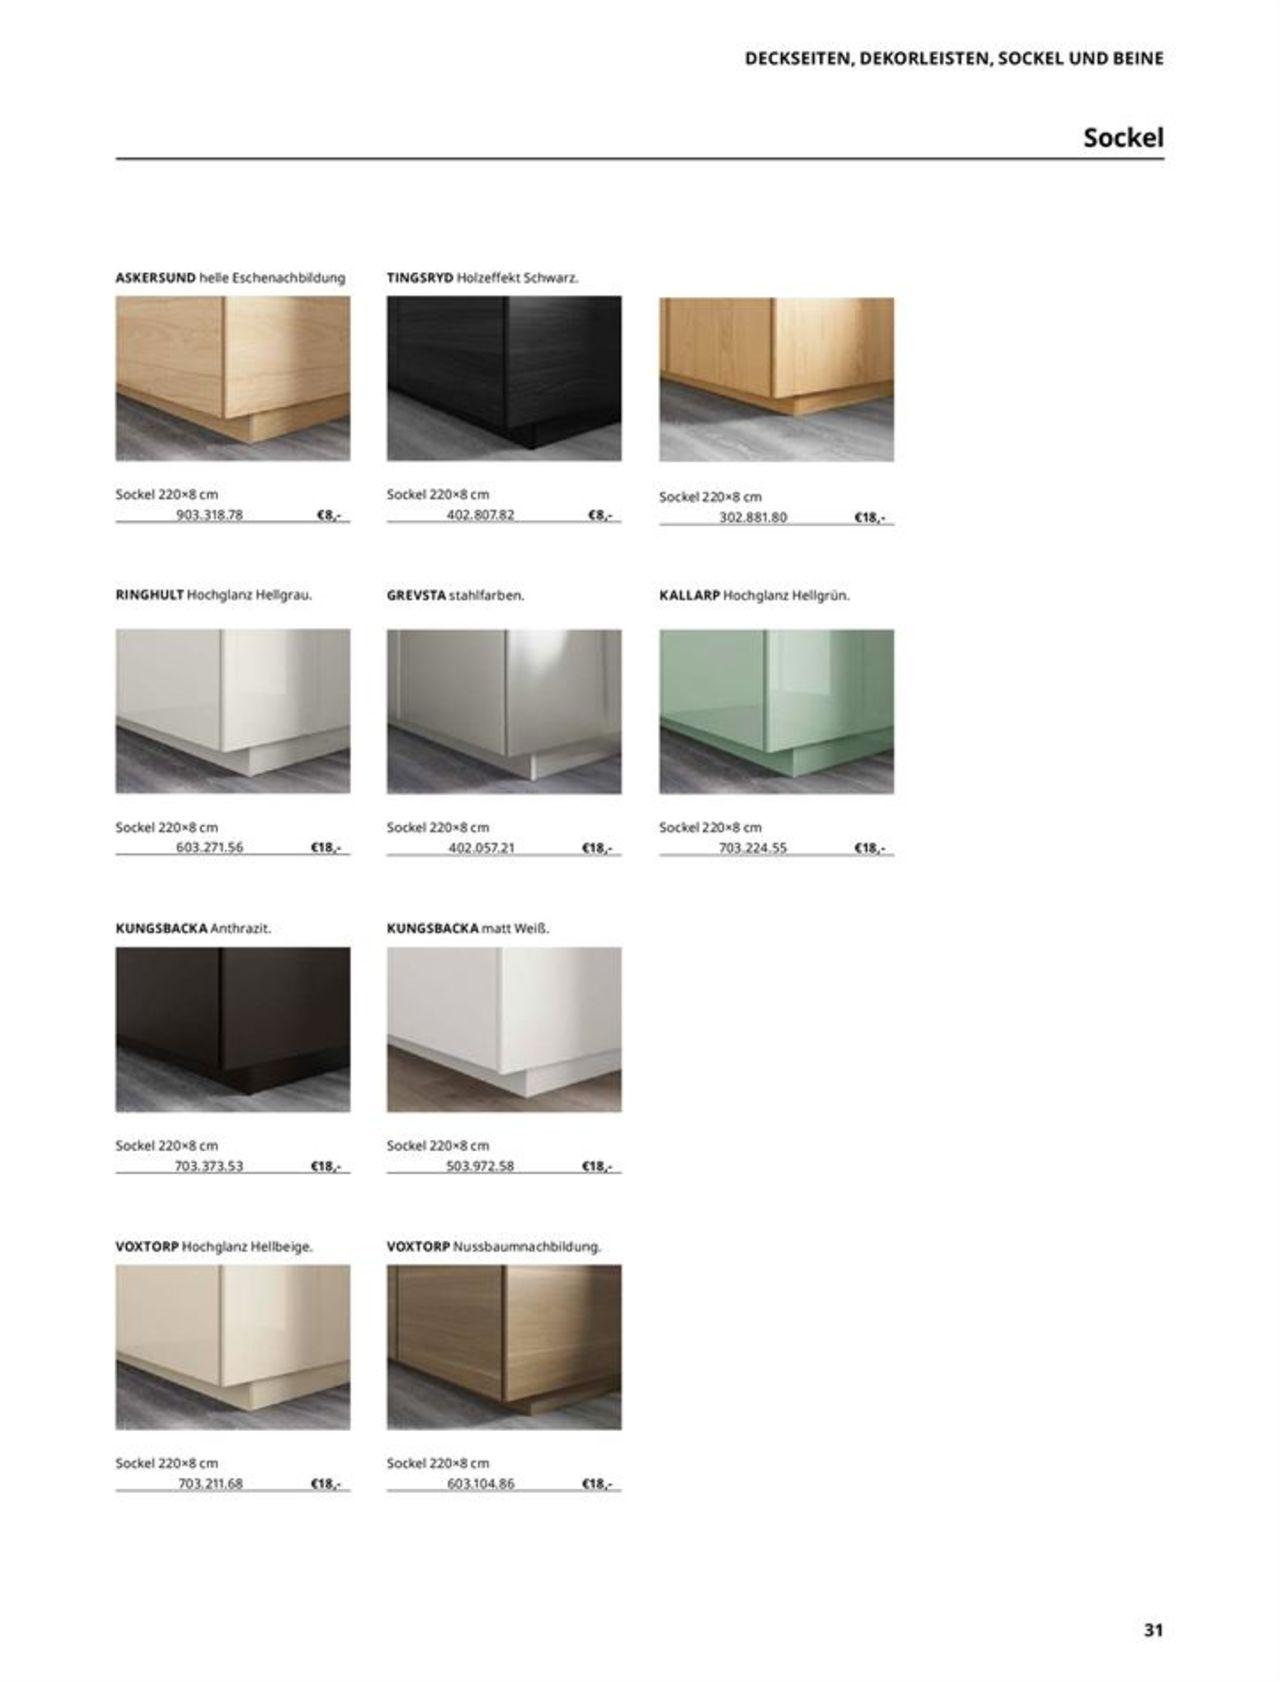 Full Size of Kungsbacka Anthrazit Ikea Flugblatt Angebote 26082019 31082019 Küche Fenster Wohnzimmer Kungsbacka Anthrazit